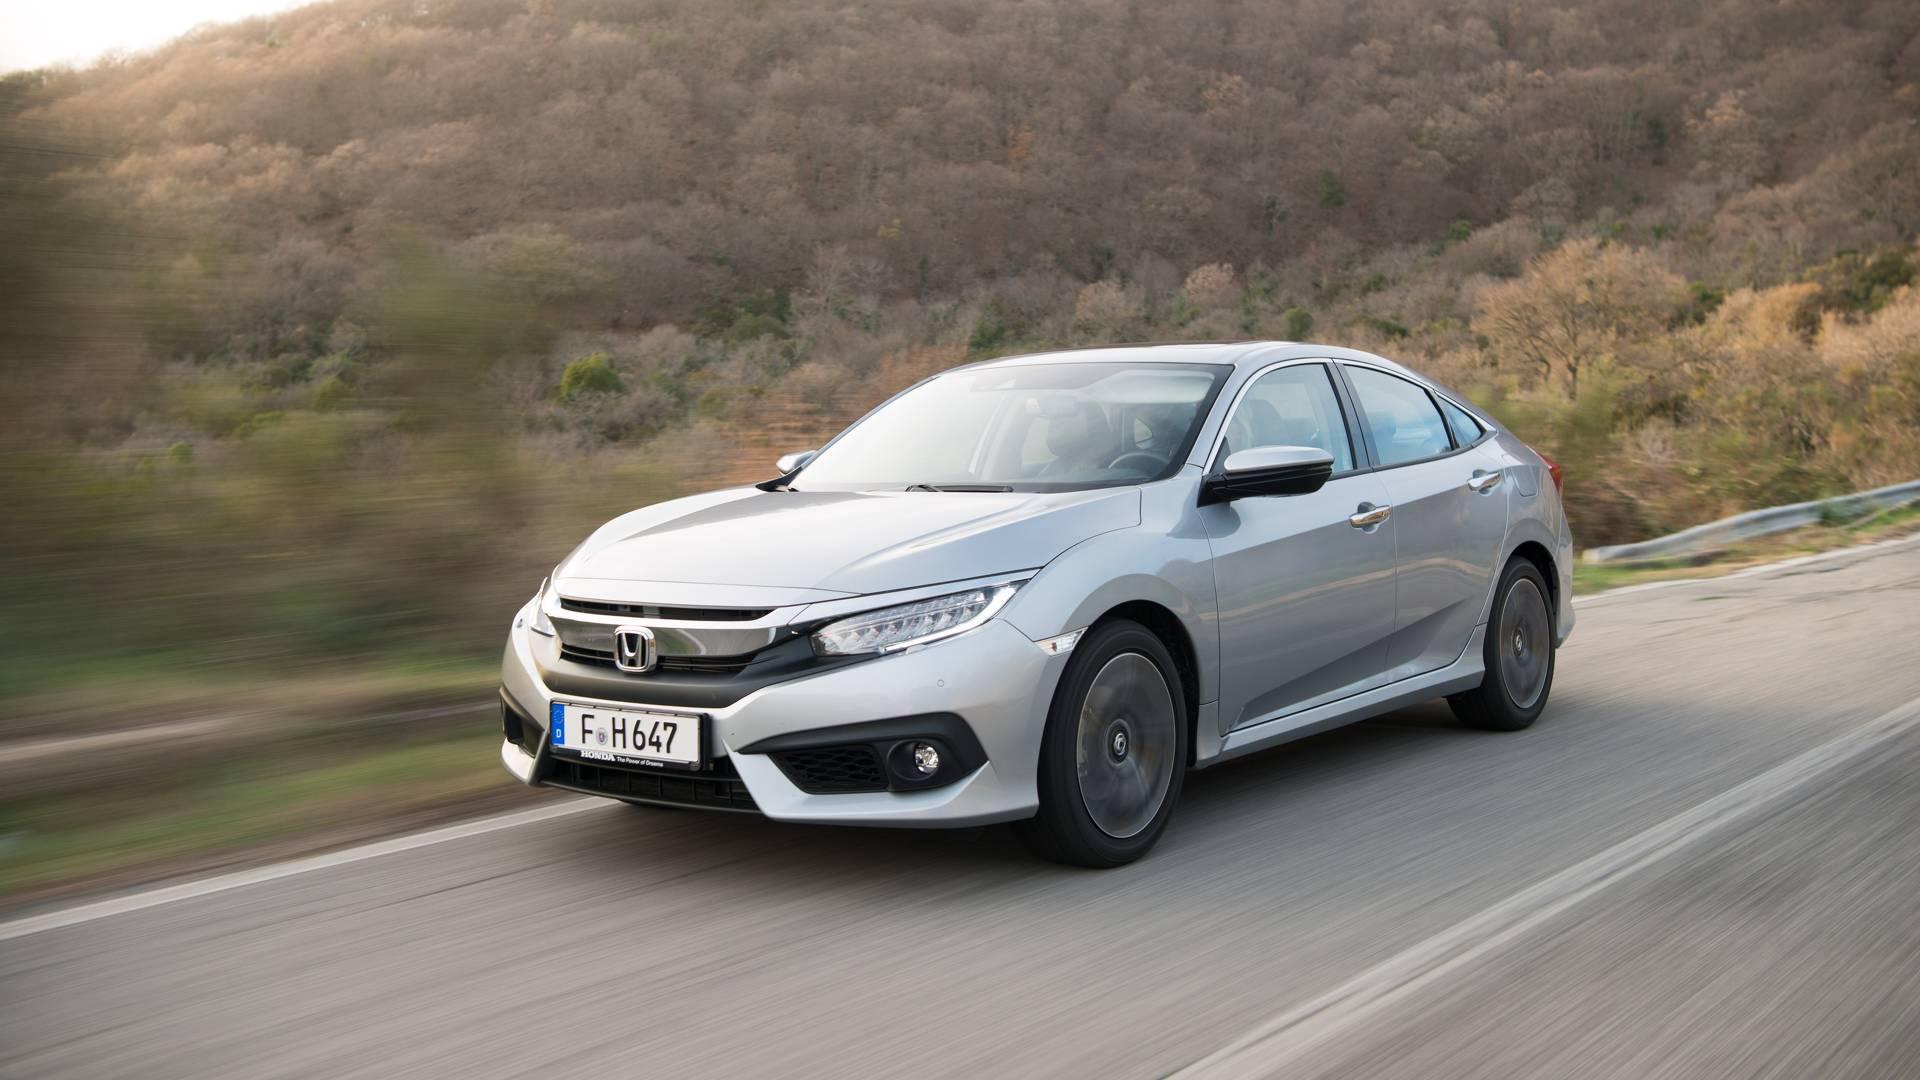 2018 Honda Civic Sedan I Dtec Ilk Sürüş Dizel Gürültüsü De Ne